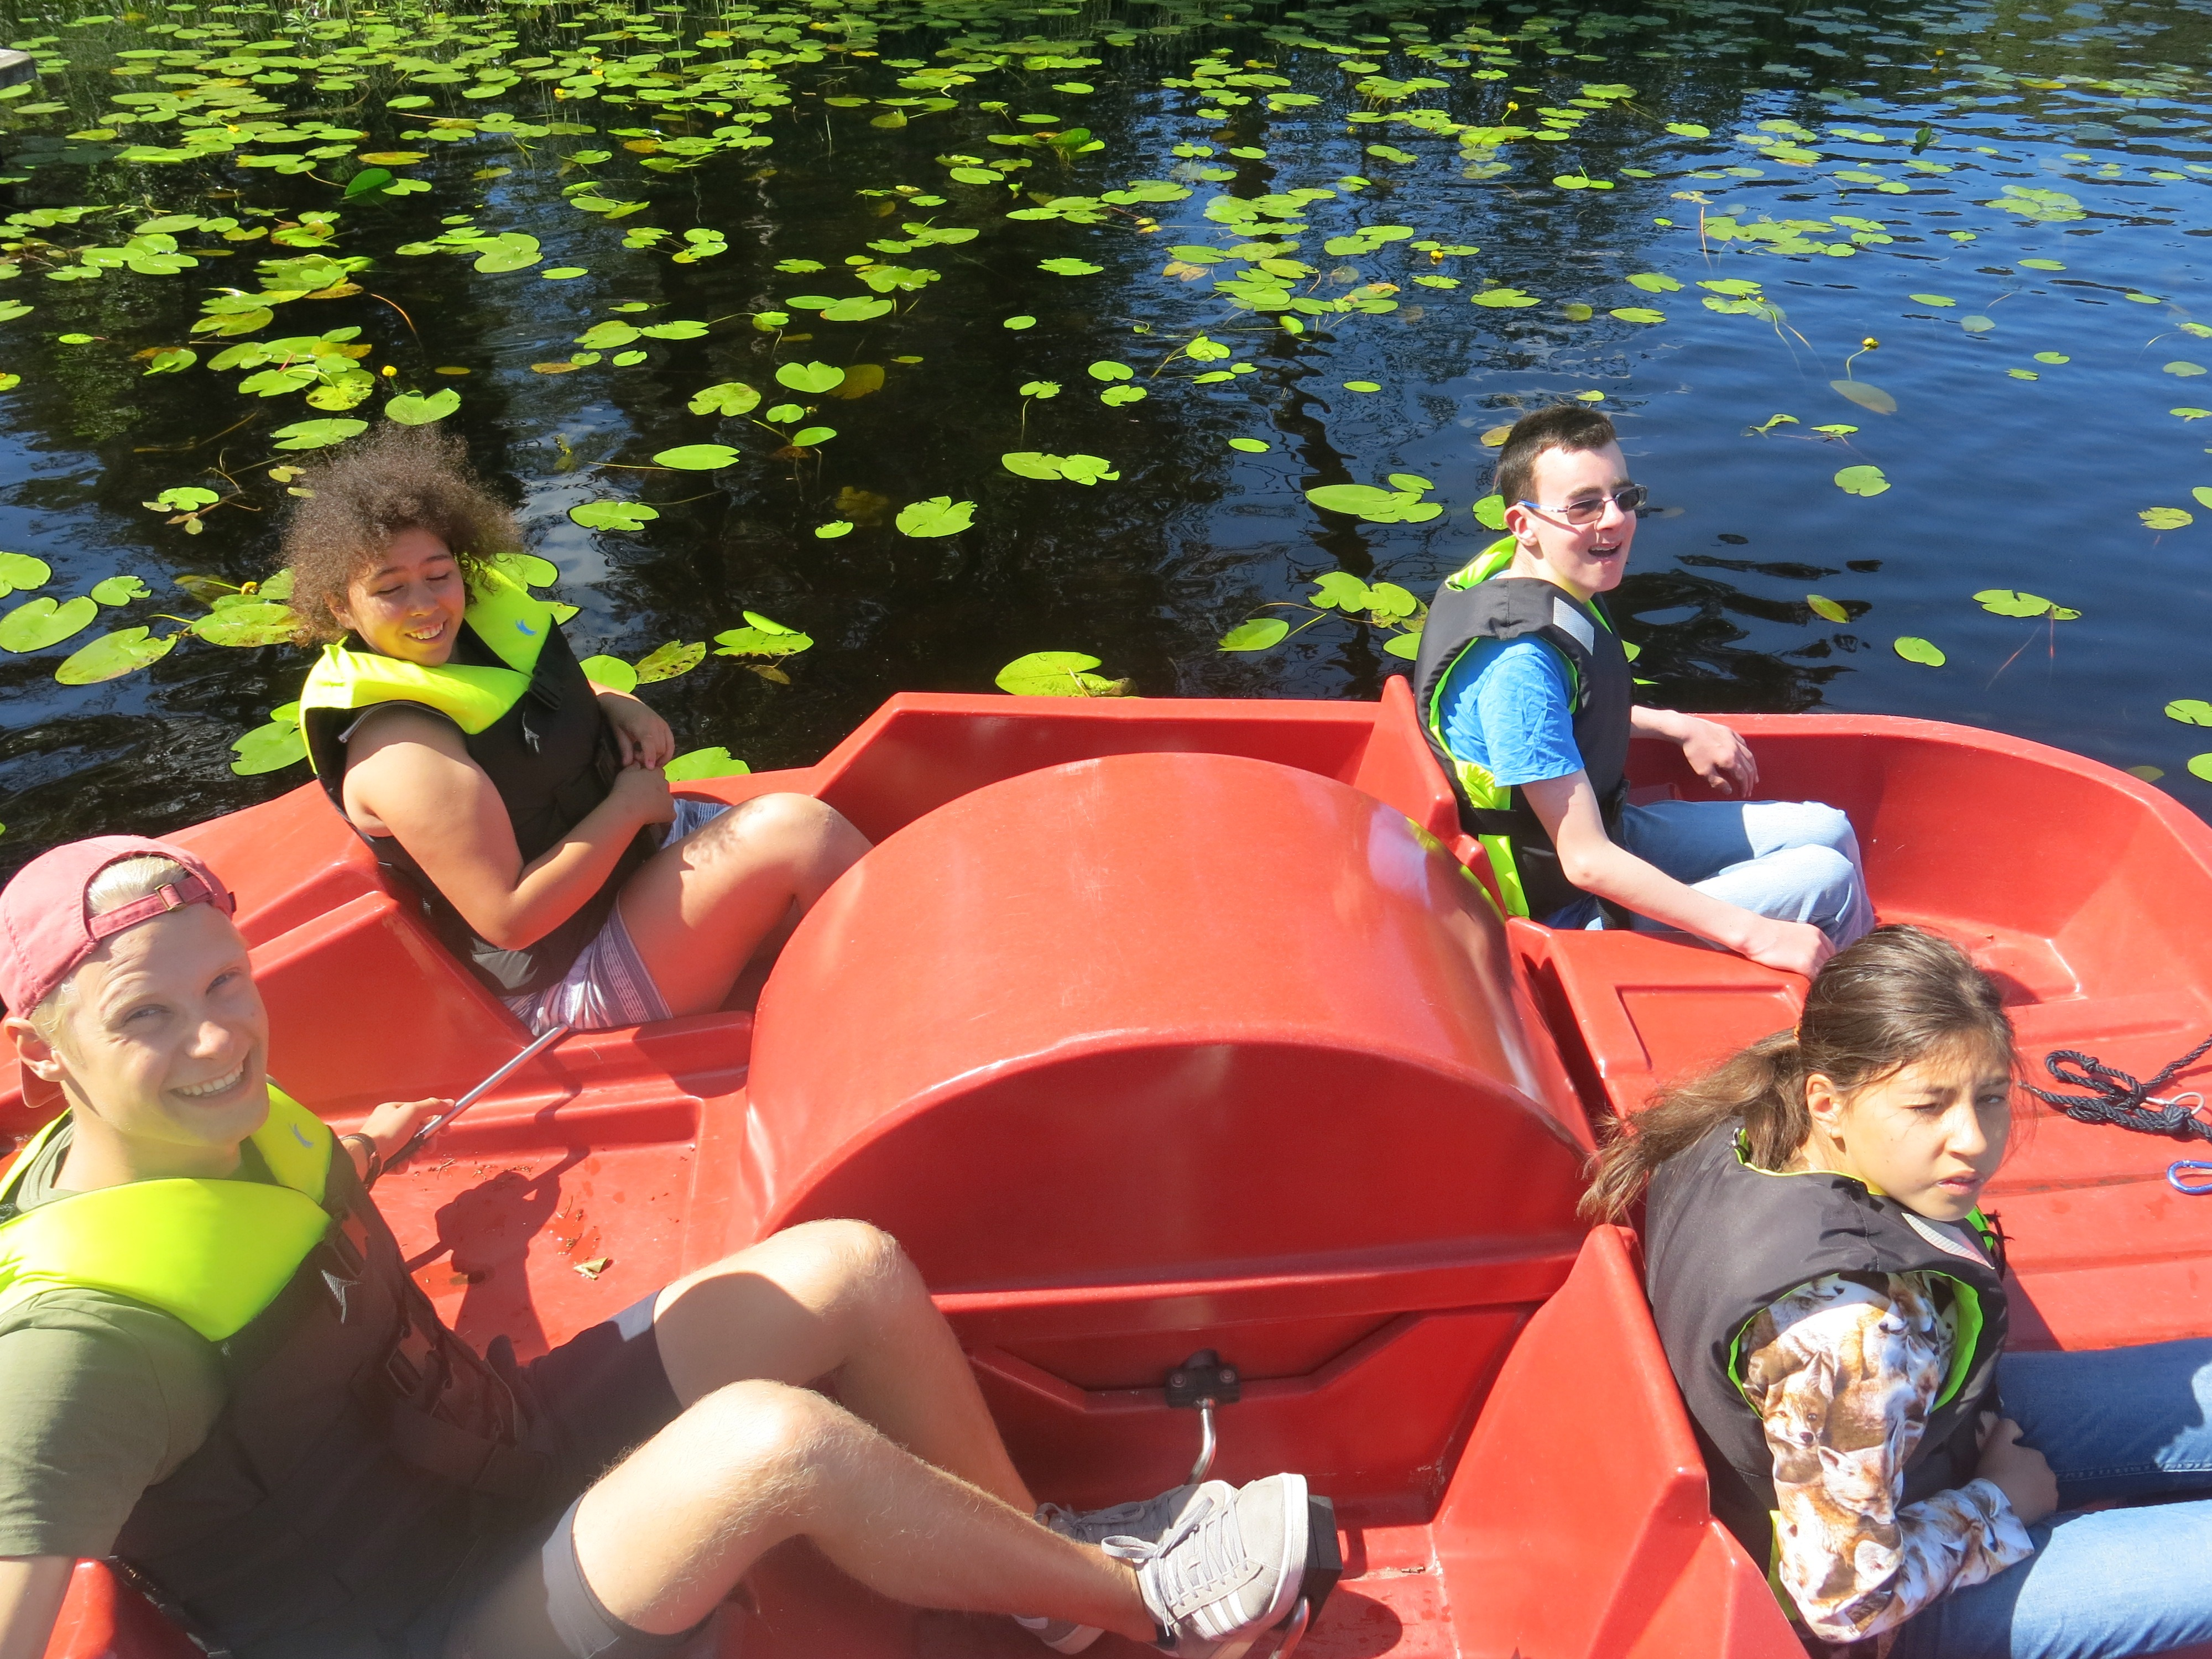 Fire personer i en tråbåt